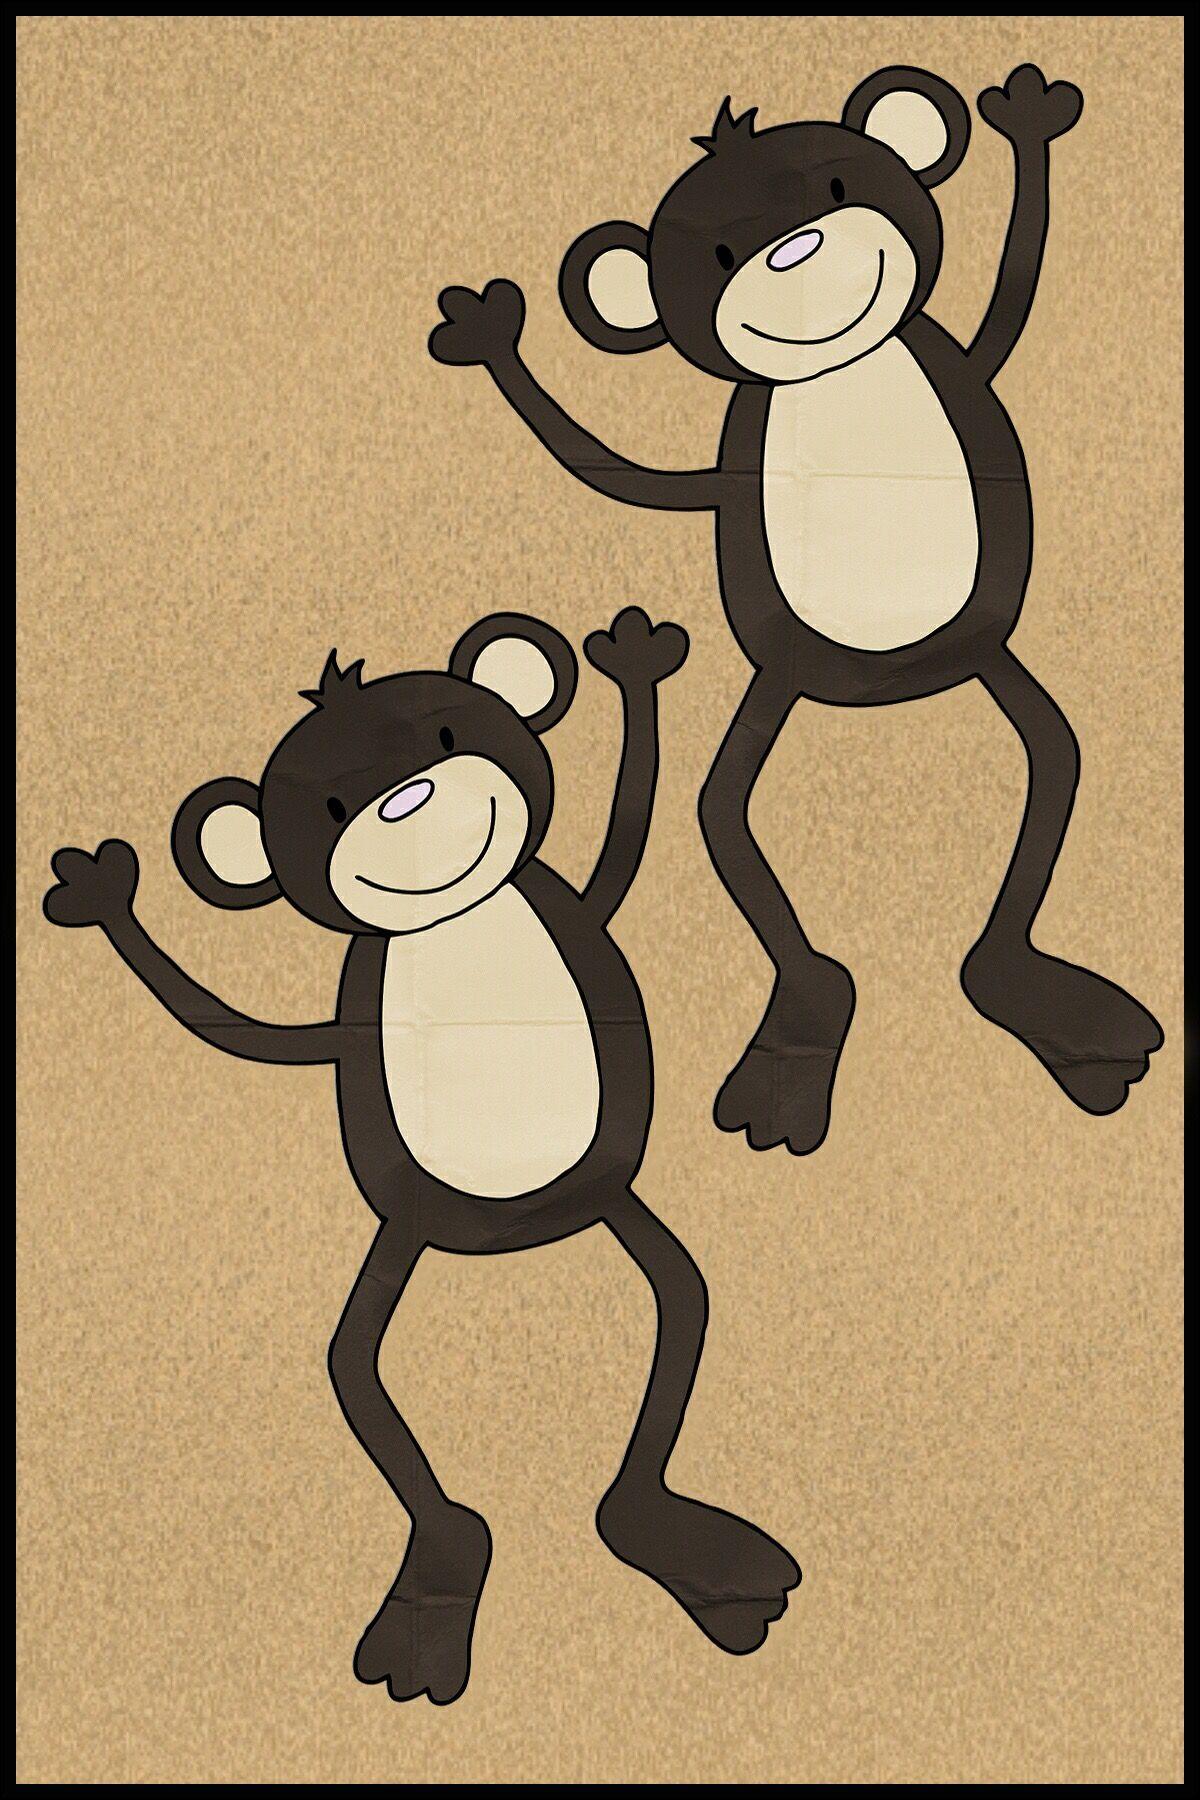 Pin On Monkeys For Mav